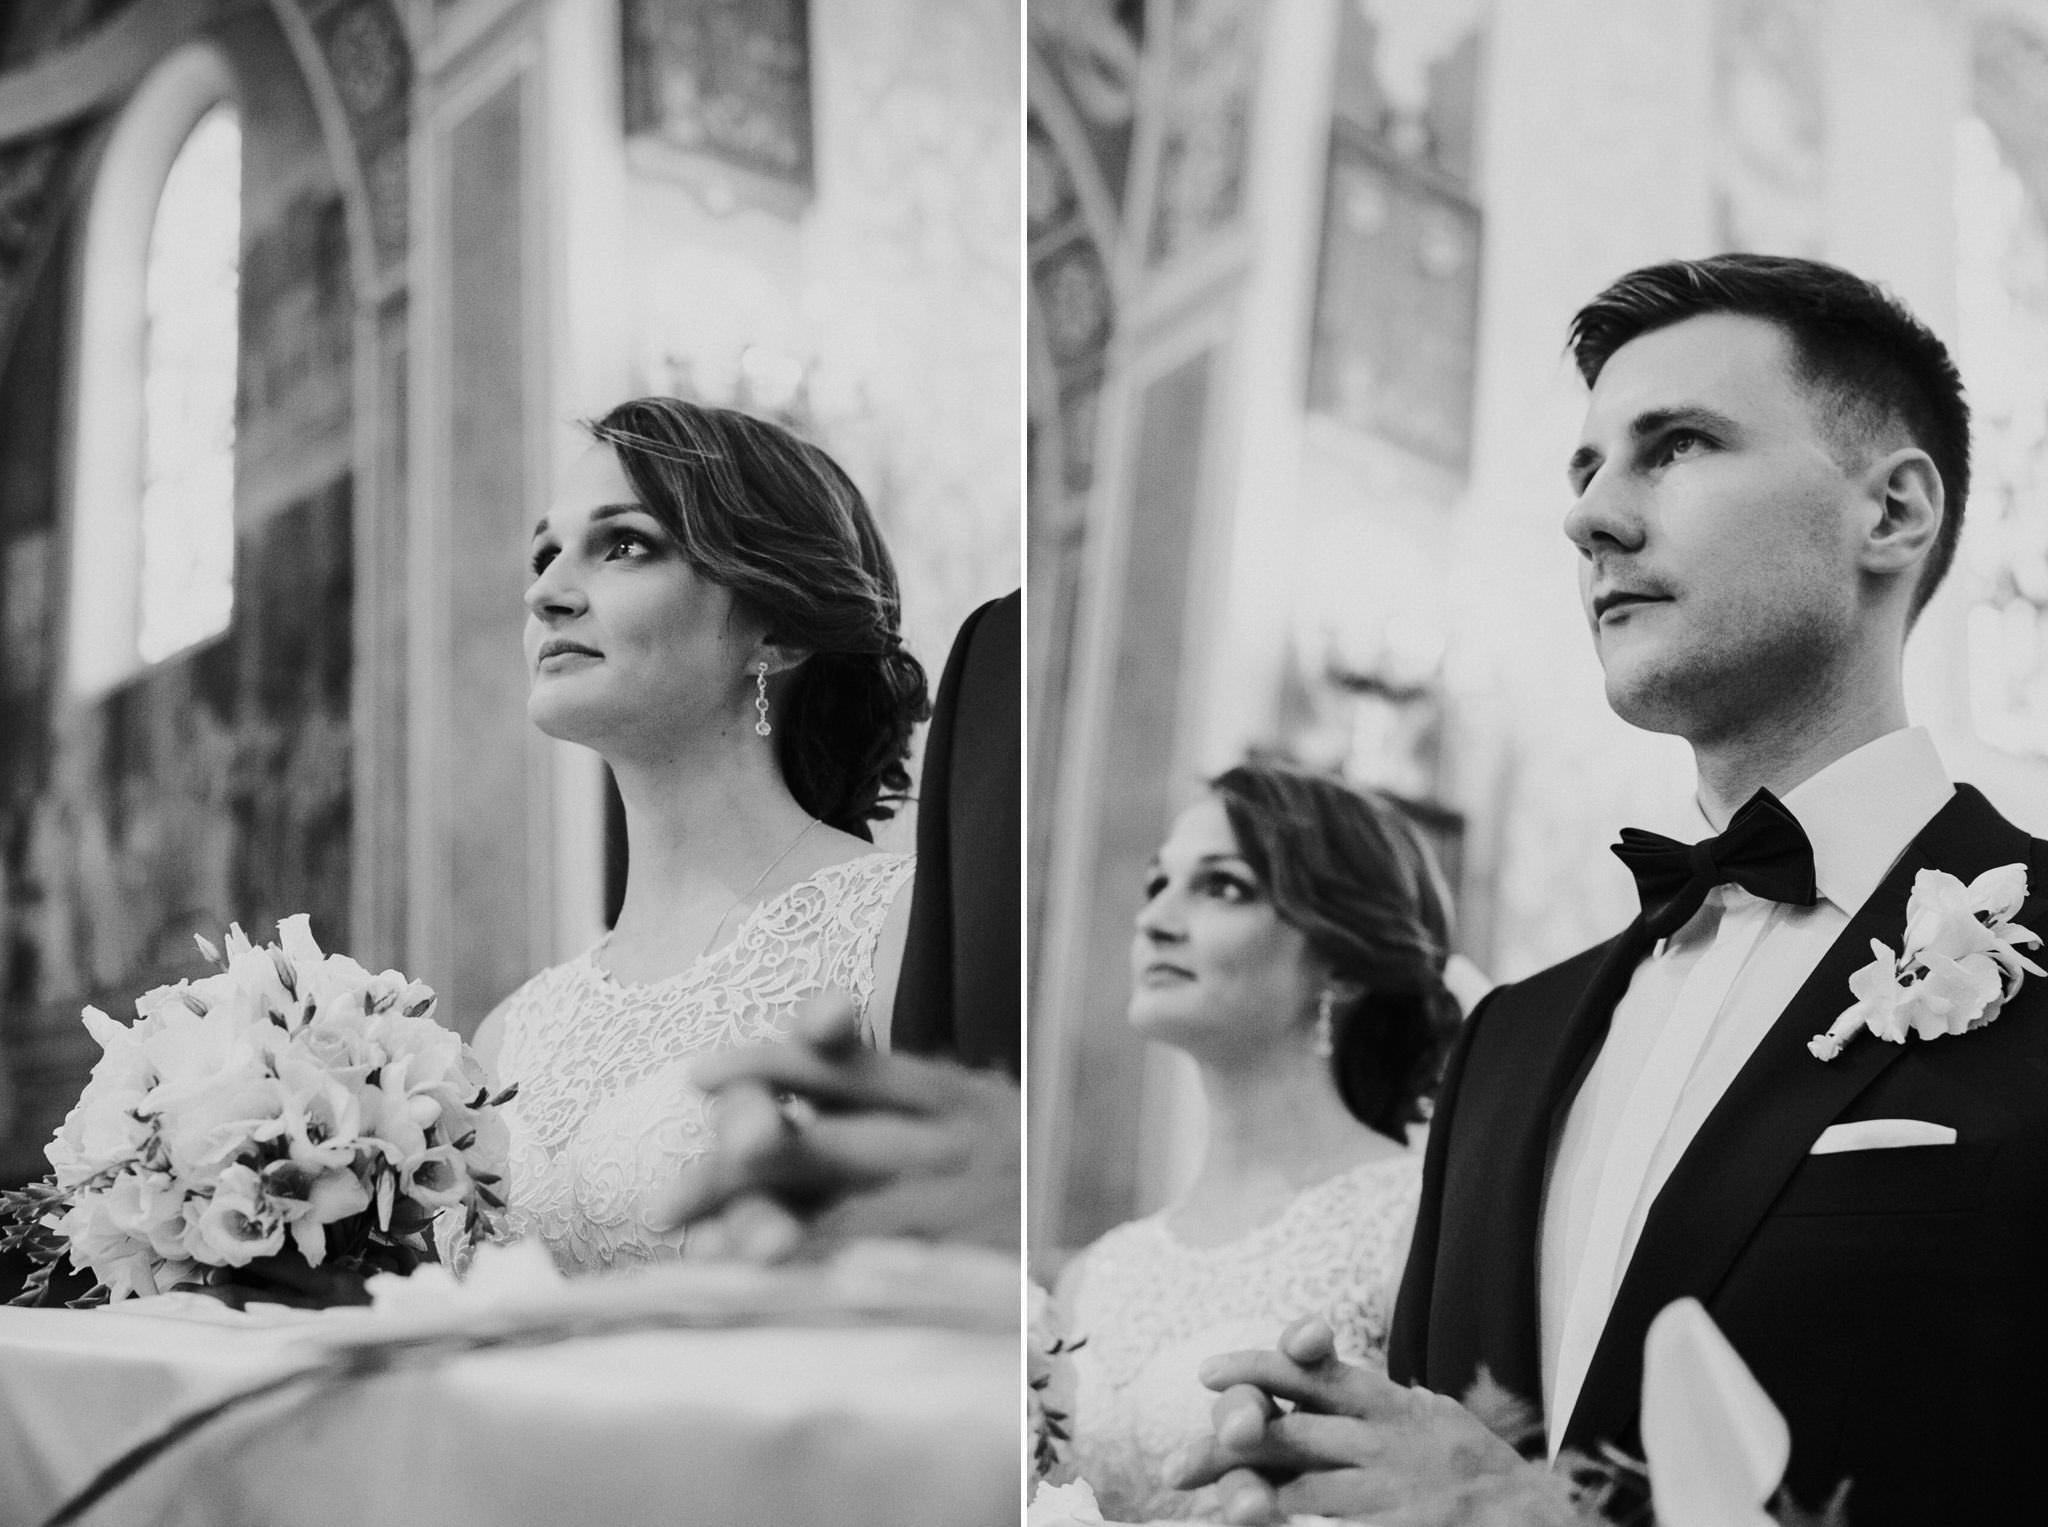 Monika i Michał, wesele w Paryżu i sesja plenerowa w stadninie koni w Czołowie 110